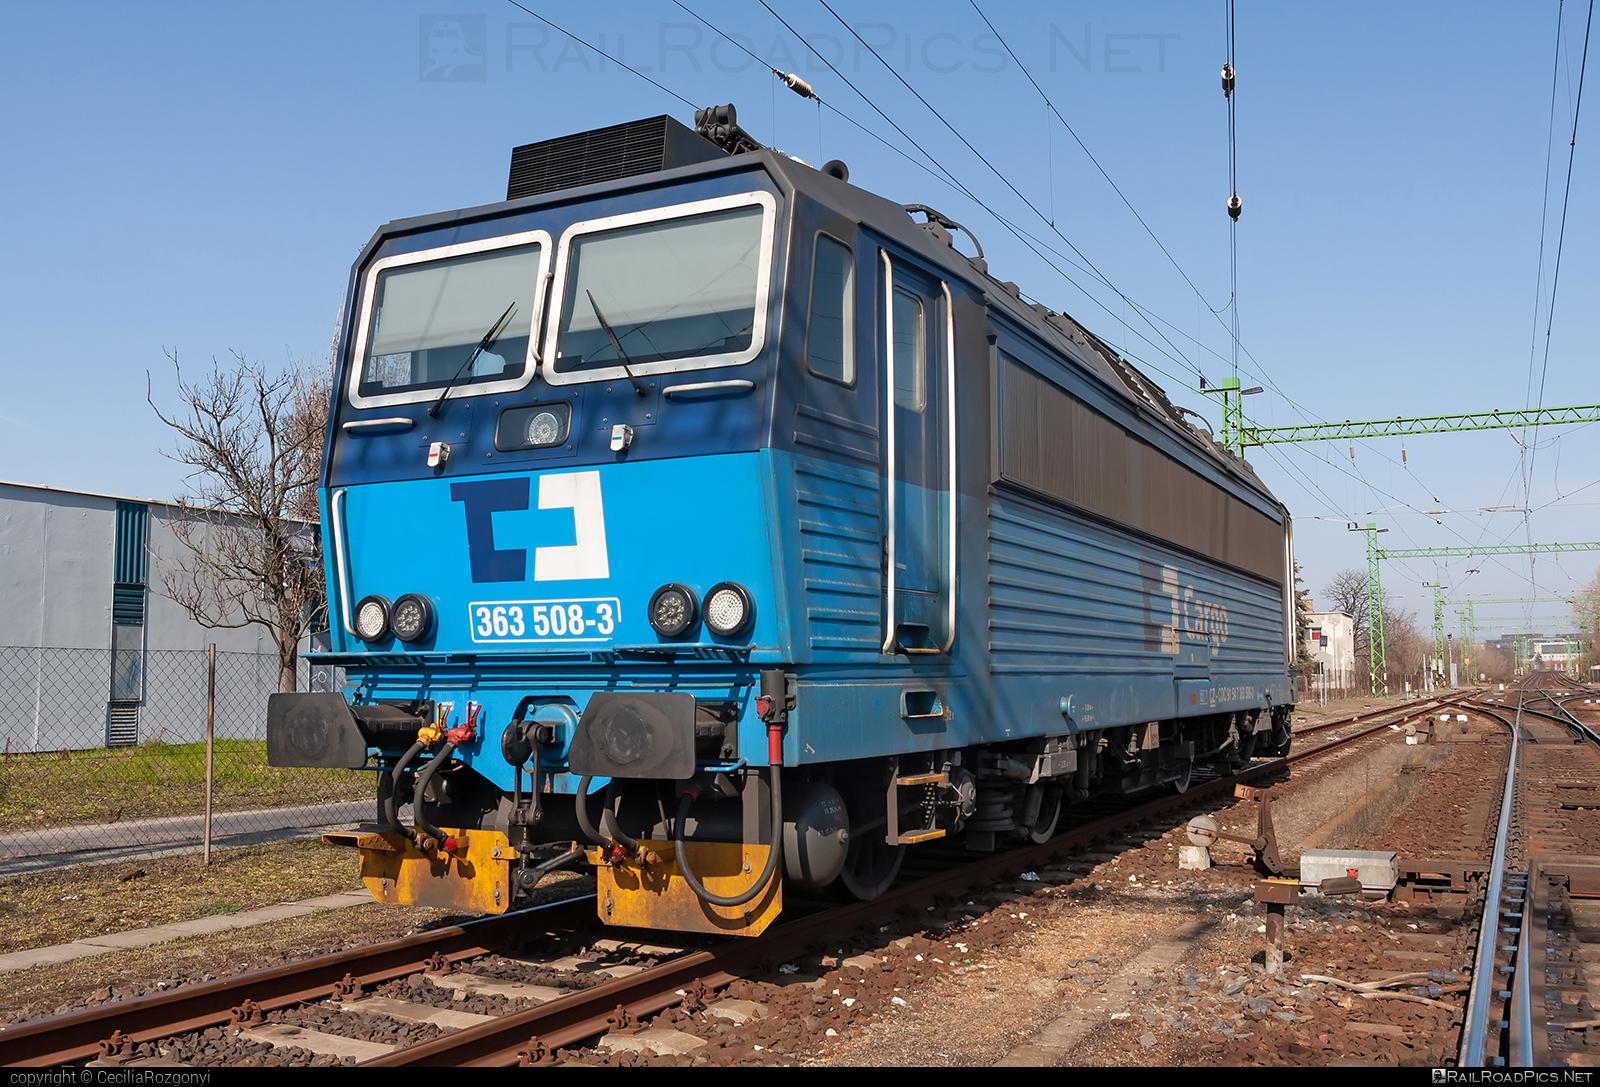 Škoda 71Em - 363 508-3 operated by ČD Cargo, a.s. #cdcargo #cdclass3635 #skoda #skoda71em